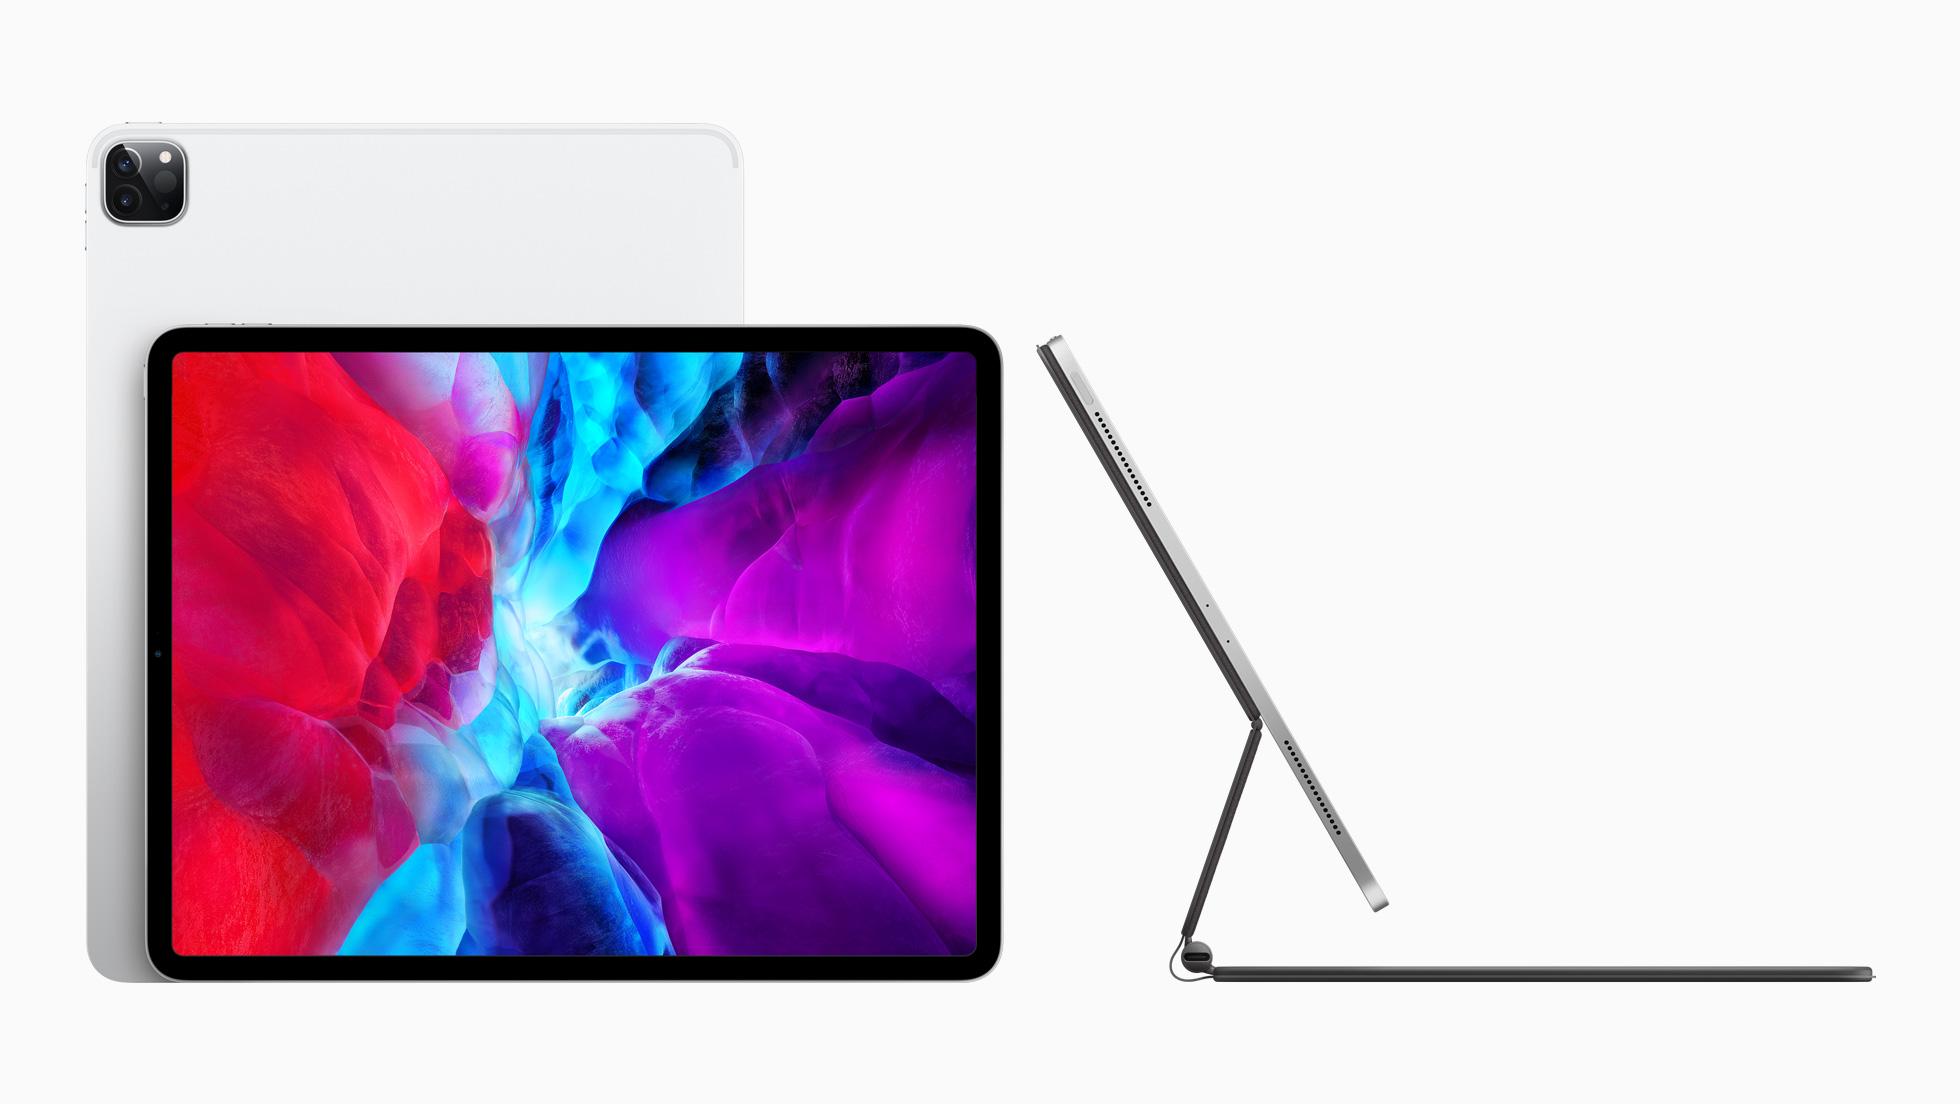 iPad Pro s A12Z procesorem není výrazně výkonnější